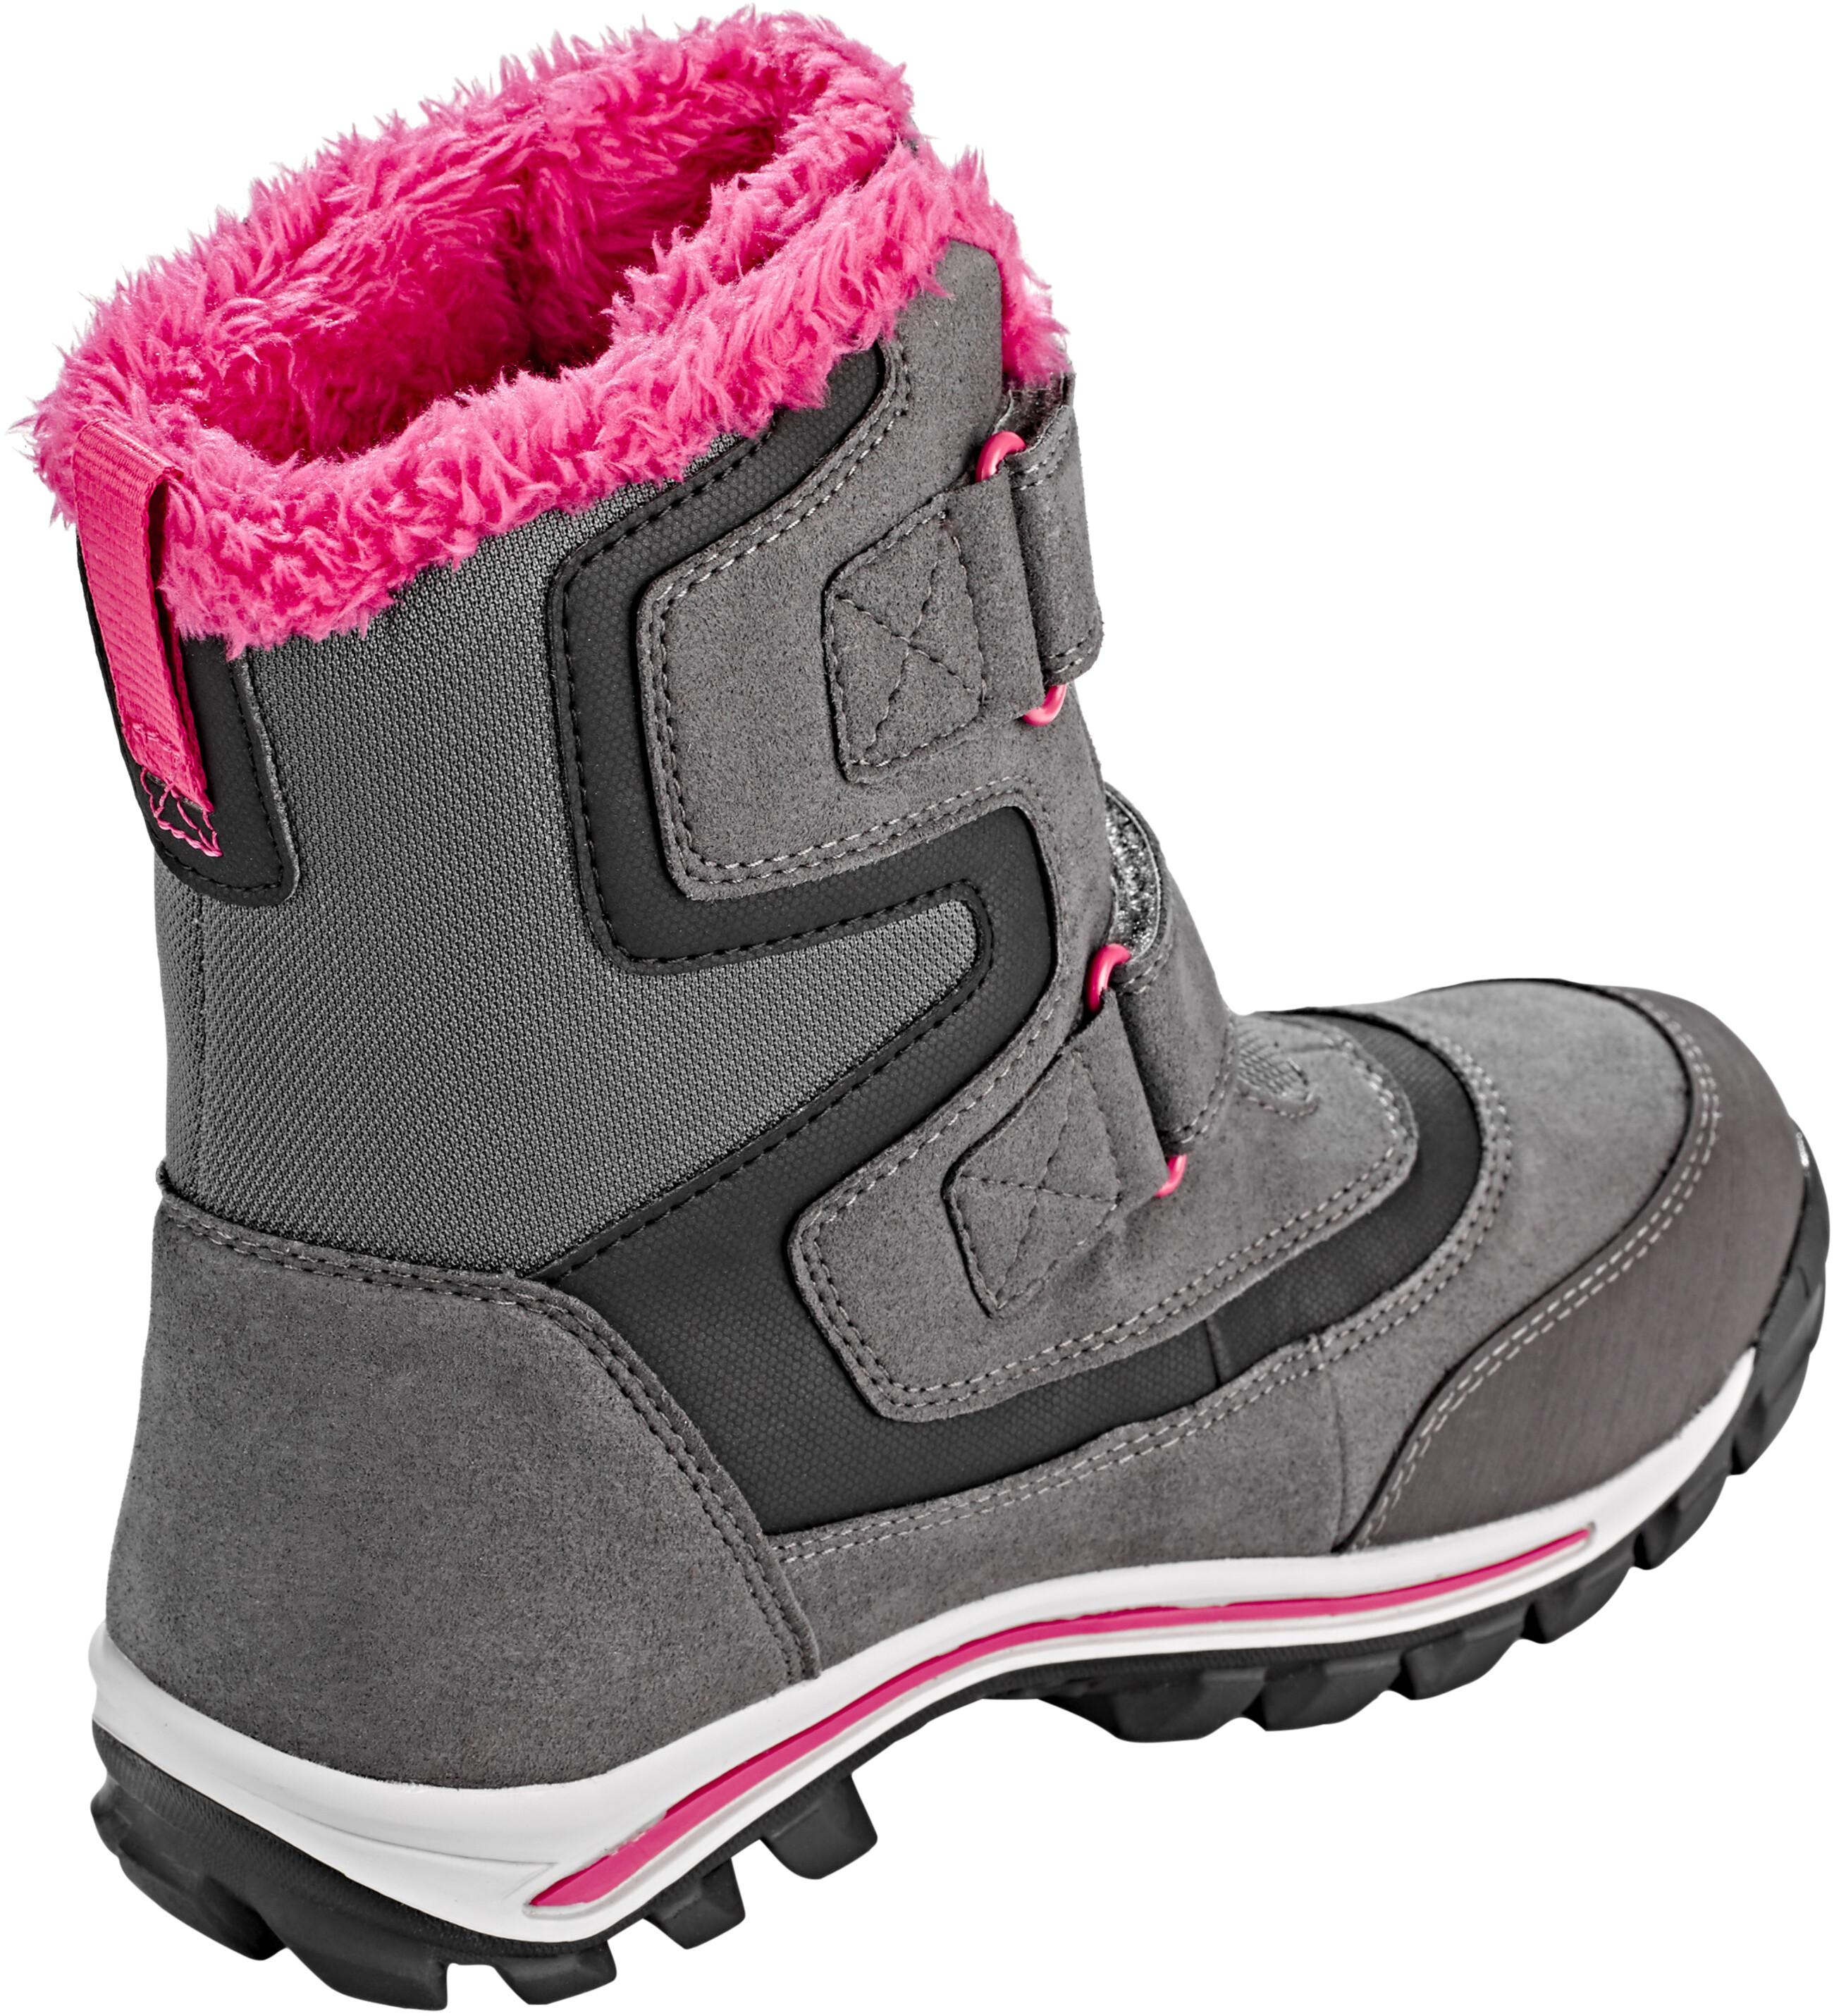 feed1801cef Timberland Chillberg 2-Strap GTX Boots Kids dark grey suede